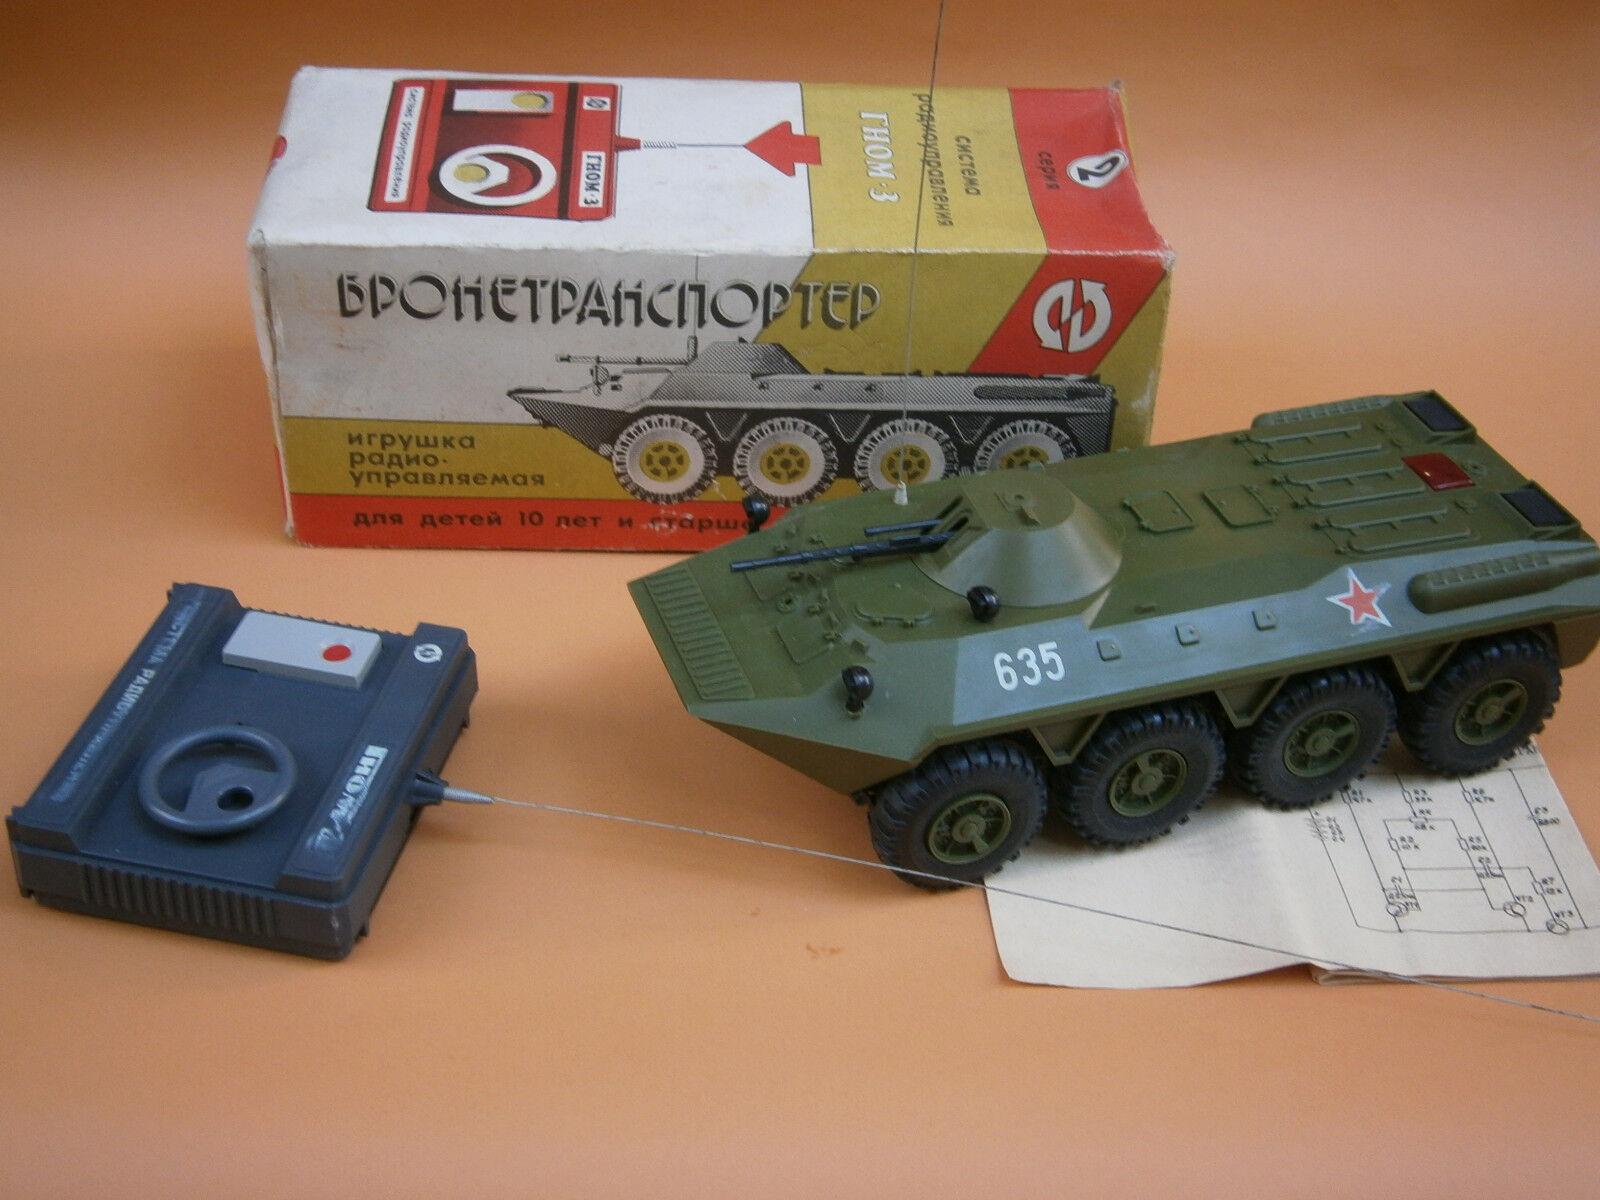 Vintage Rara URSS Armata militare BTR TANK Plastic giocattolo Remote Control scatola